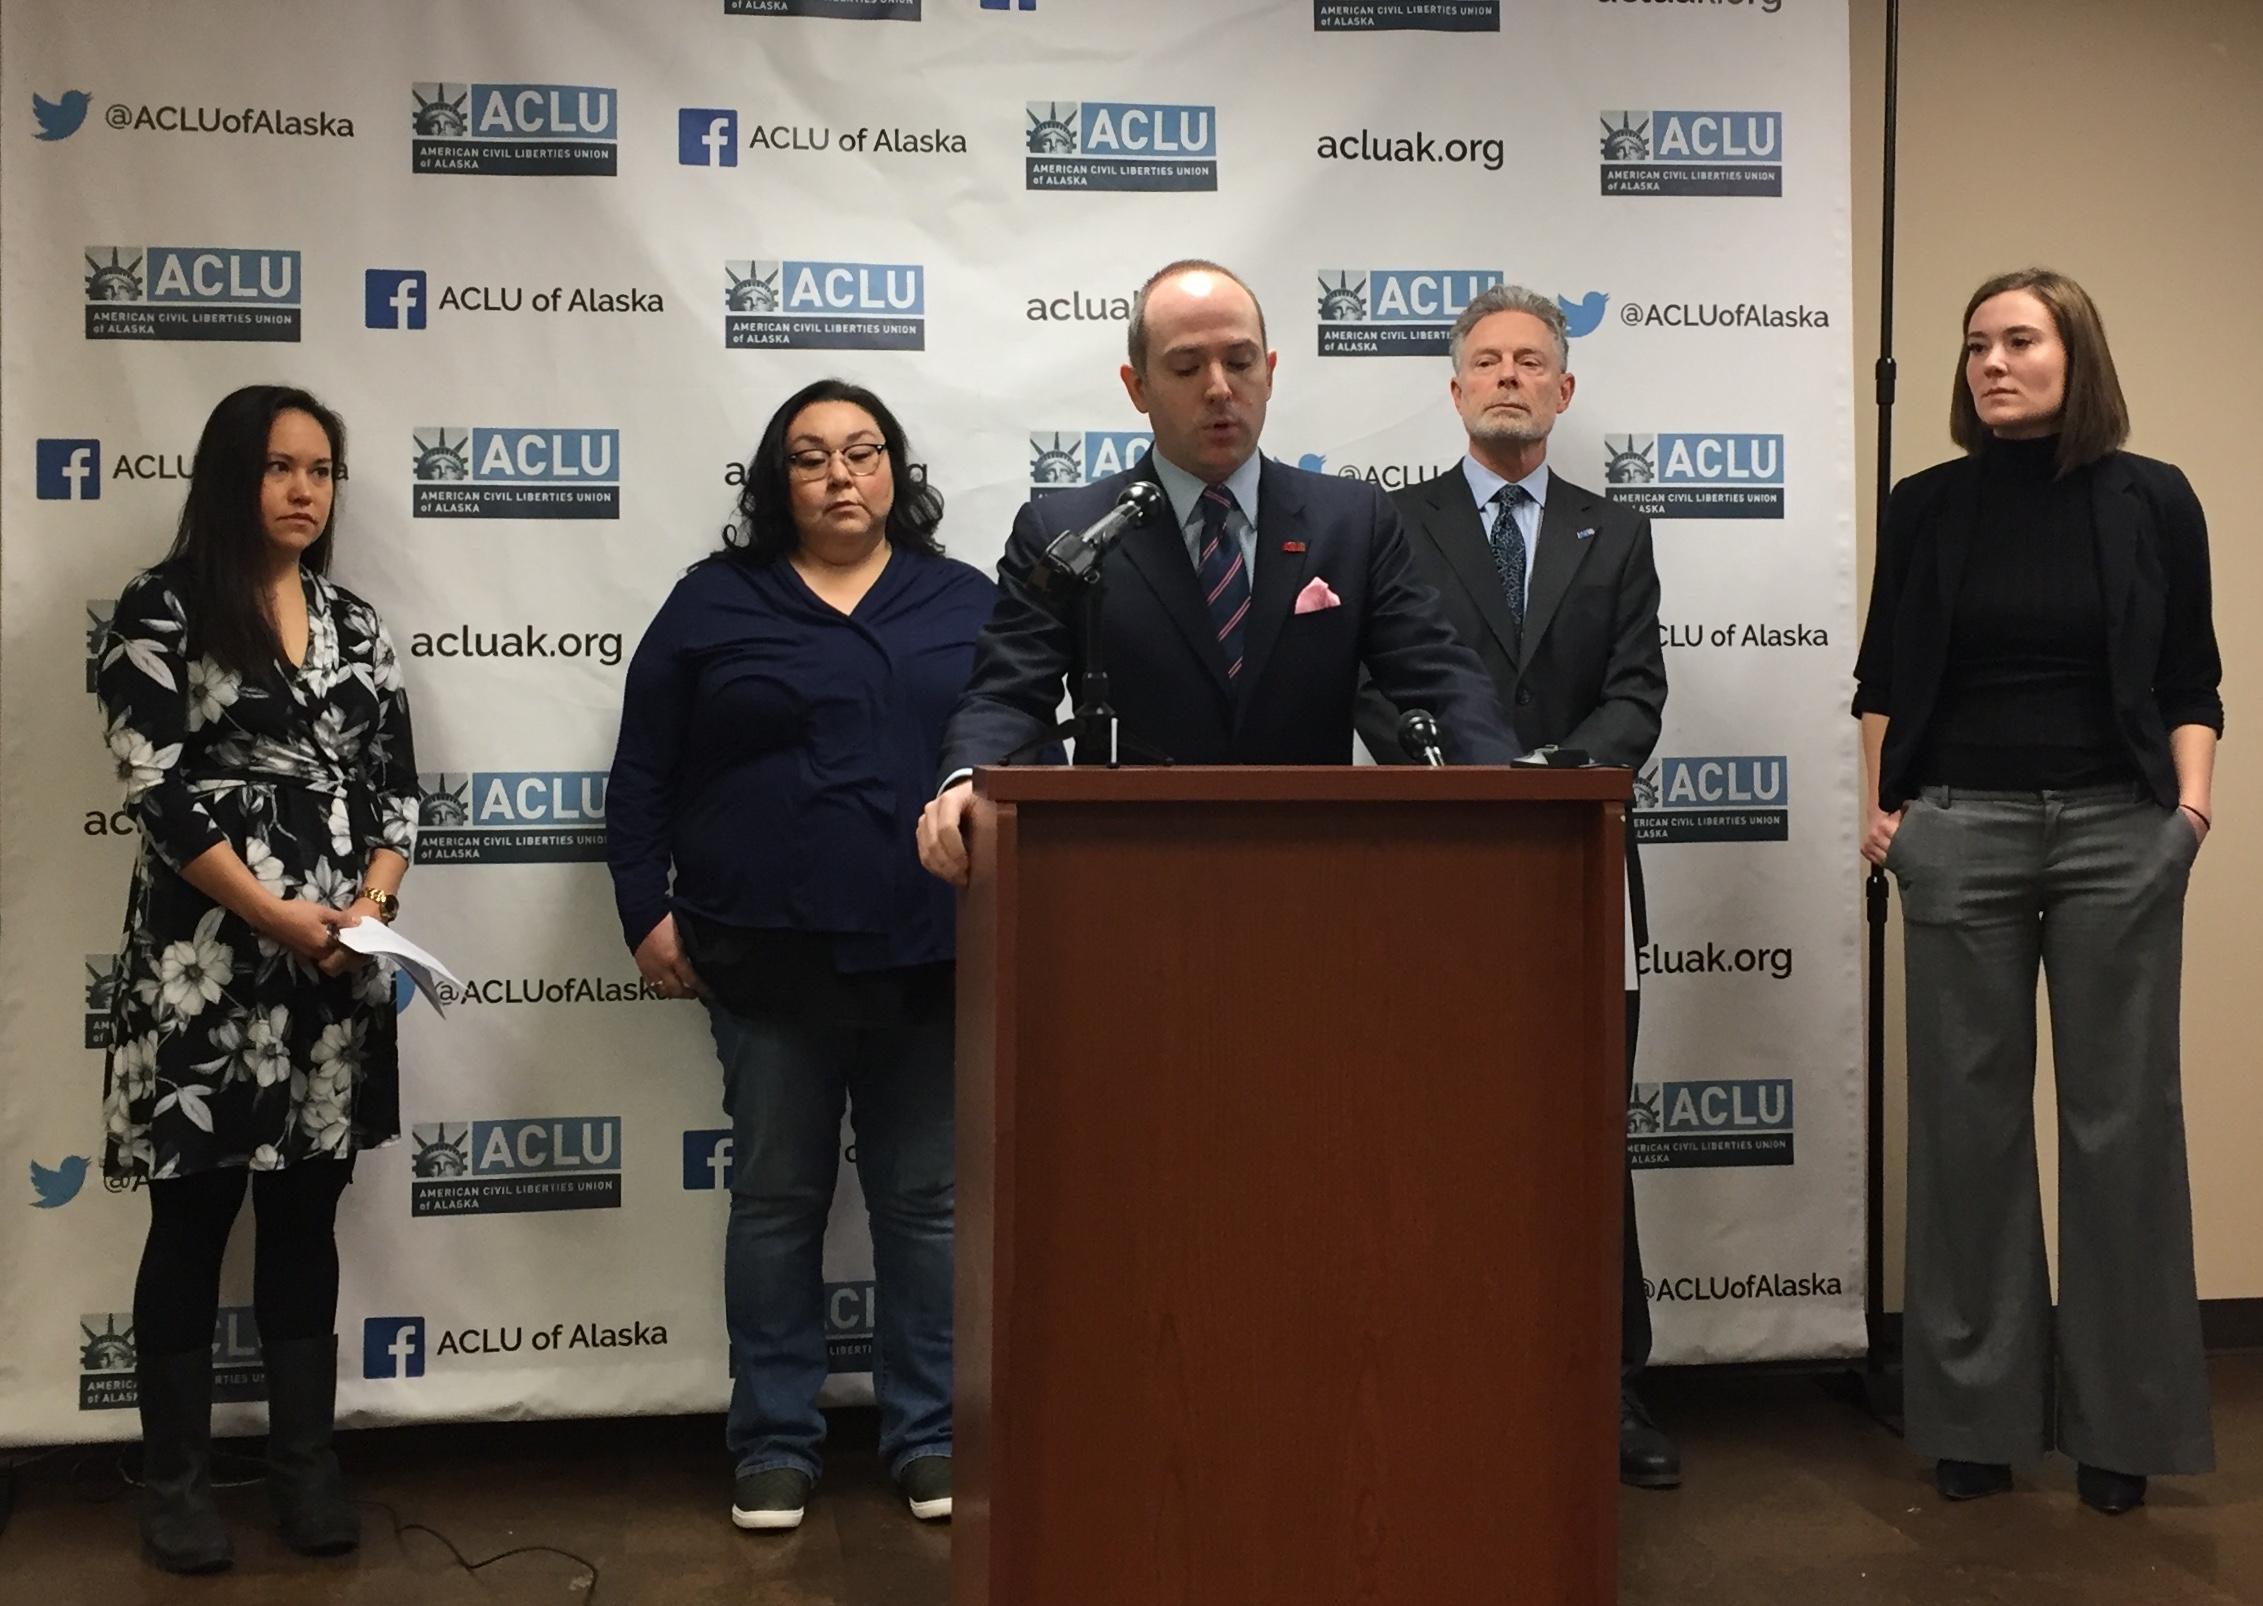 Alaska News Nightly: Thursday, Feb. 20, 2020 - Alaska Public Media